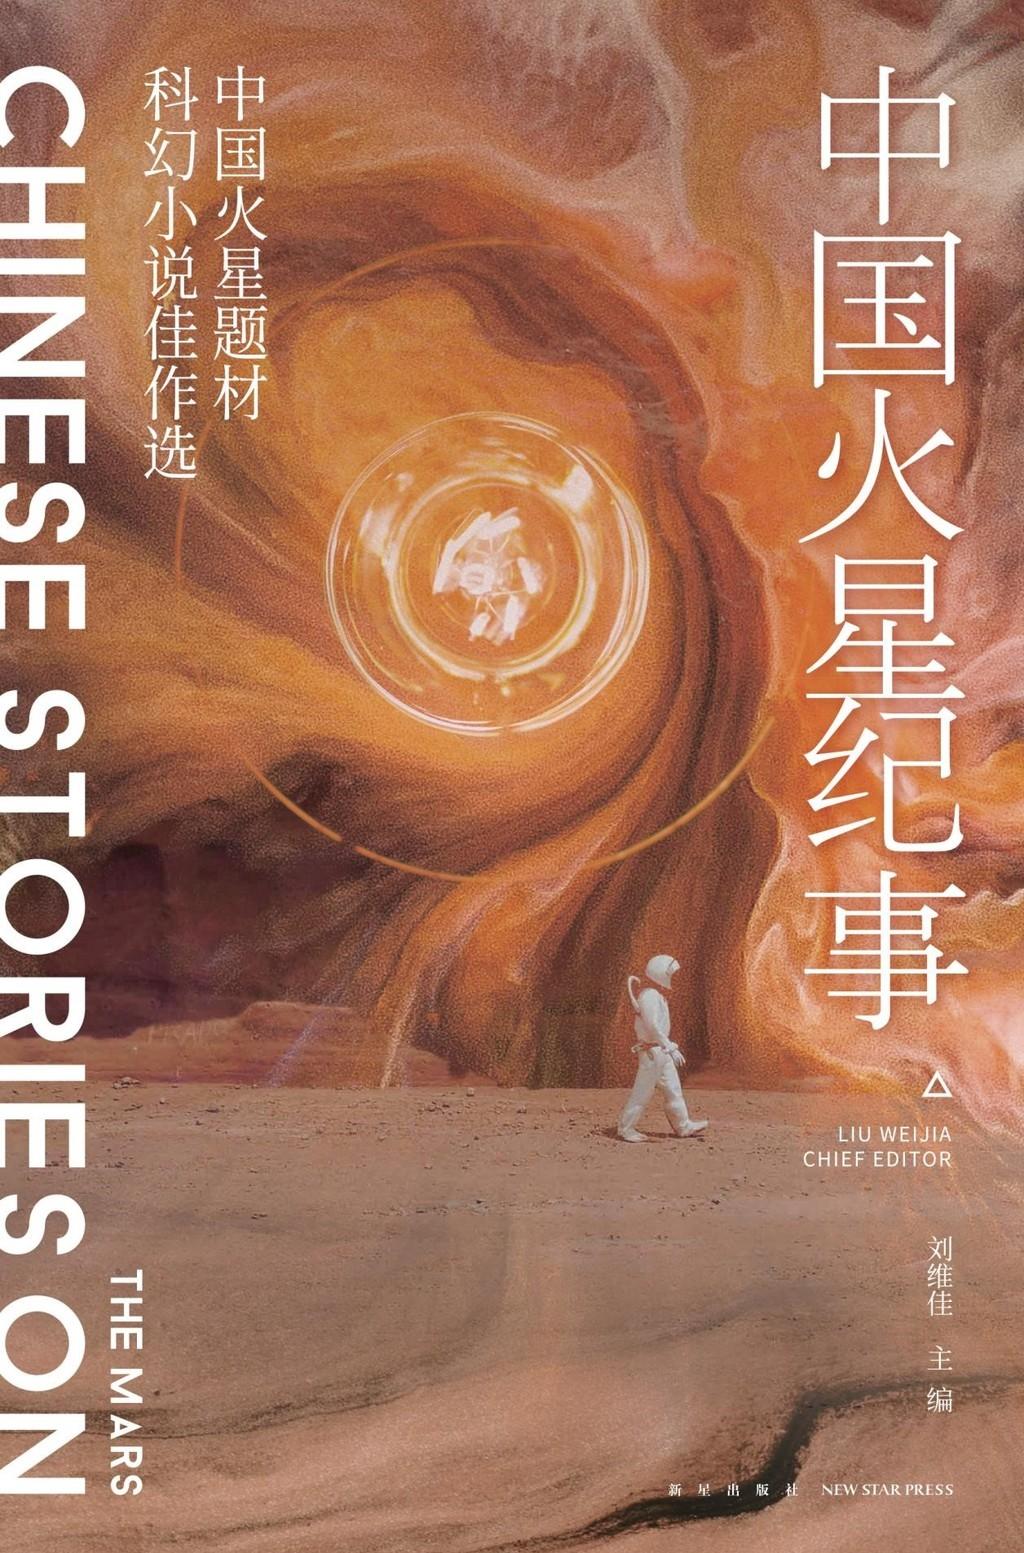 《中国火星纪事》:记录中国人三十年的火星梦